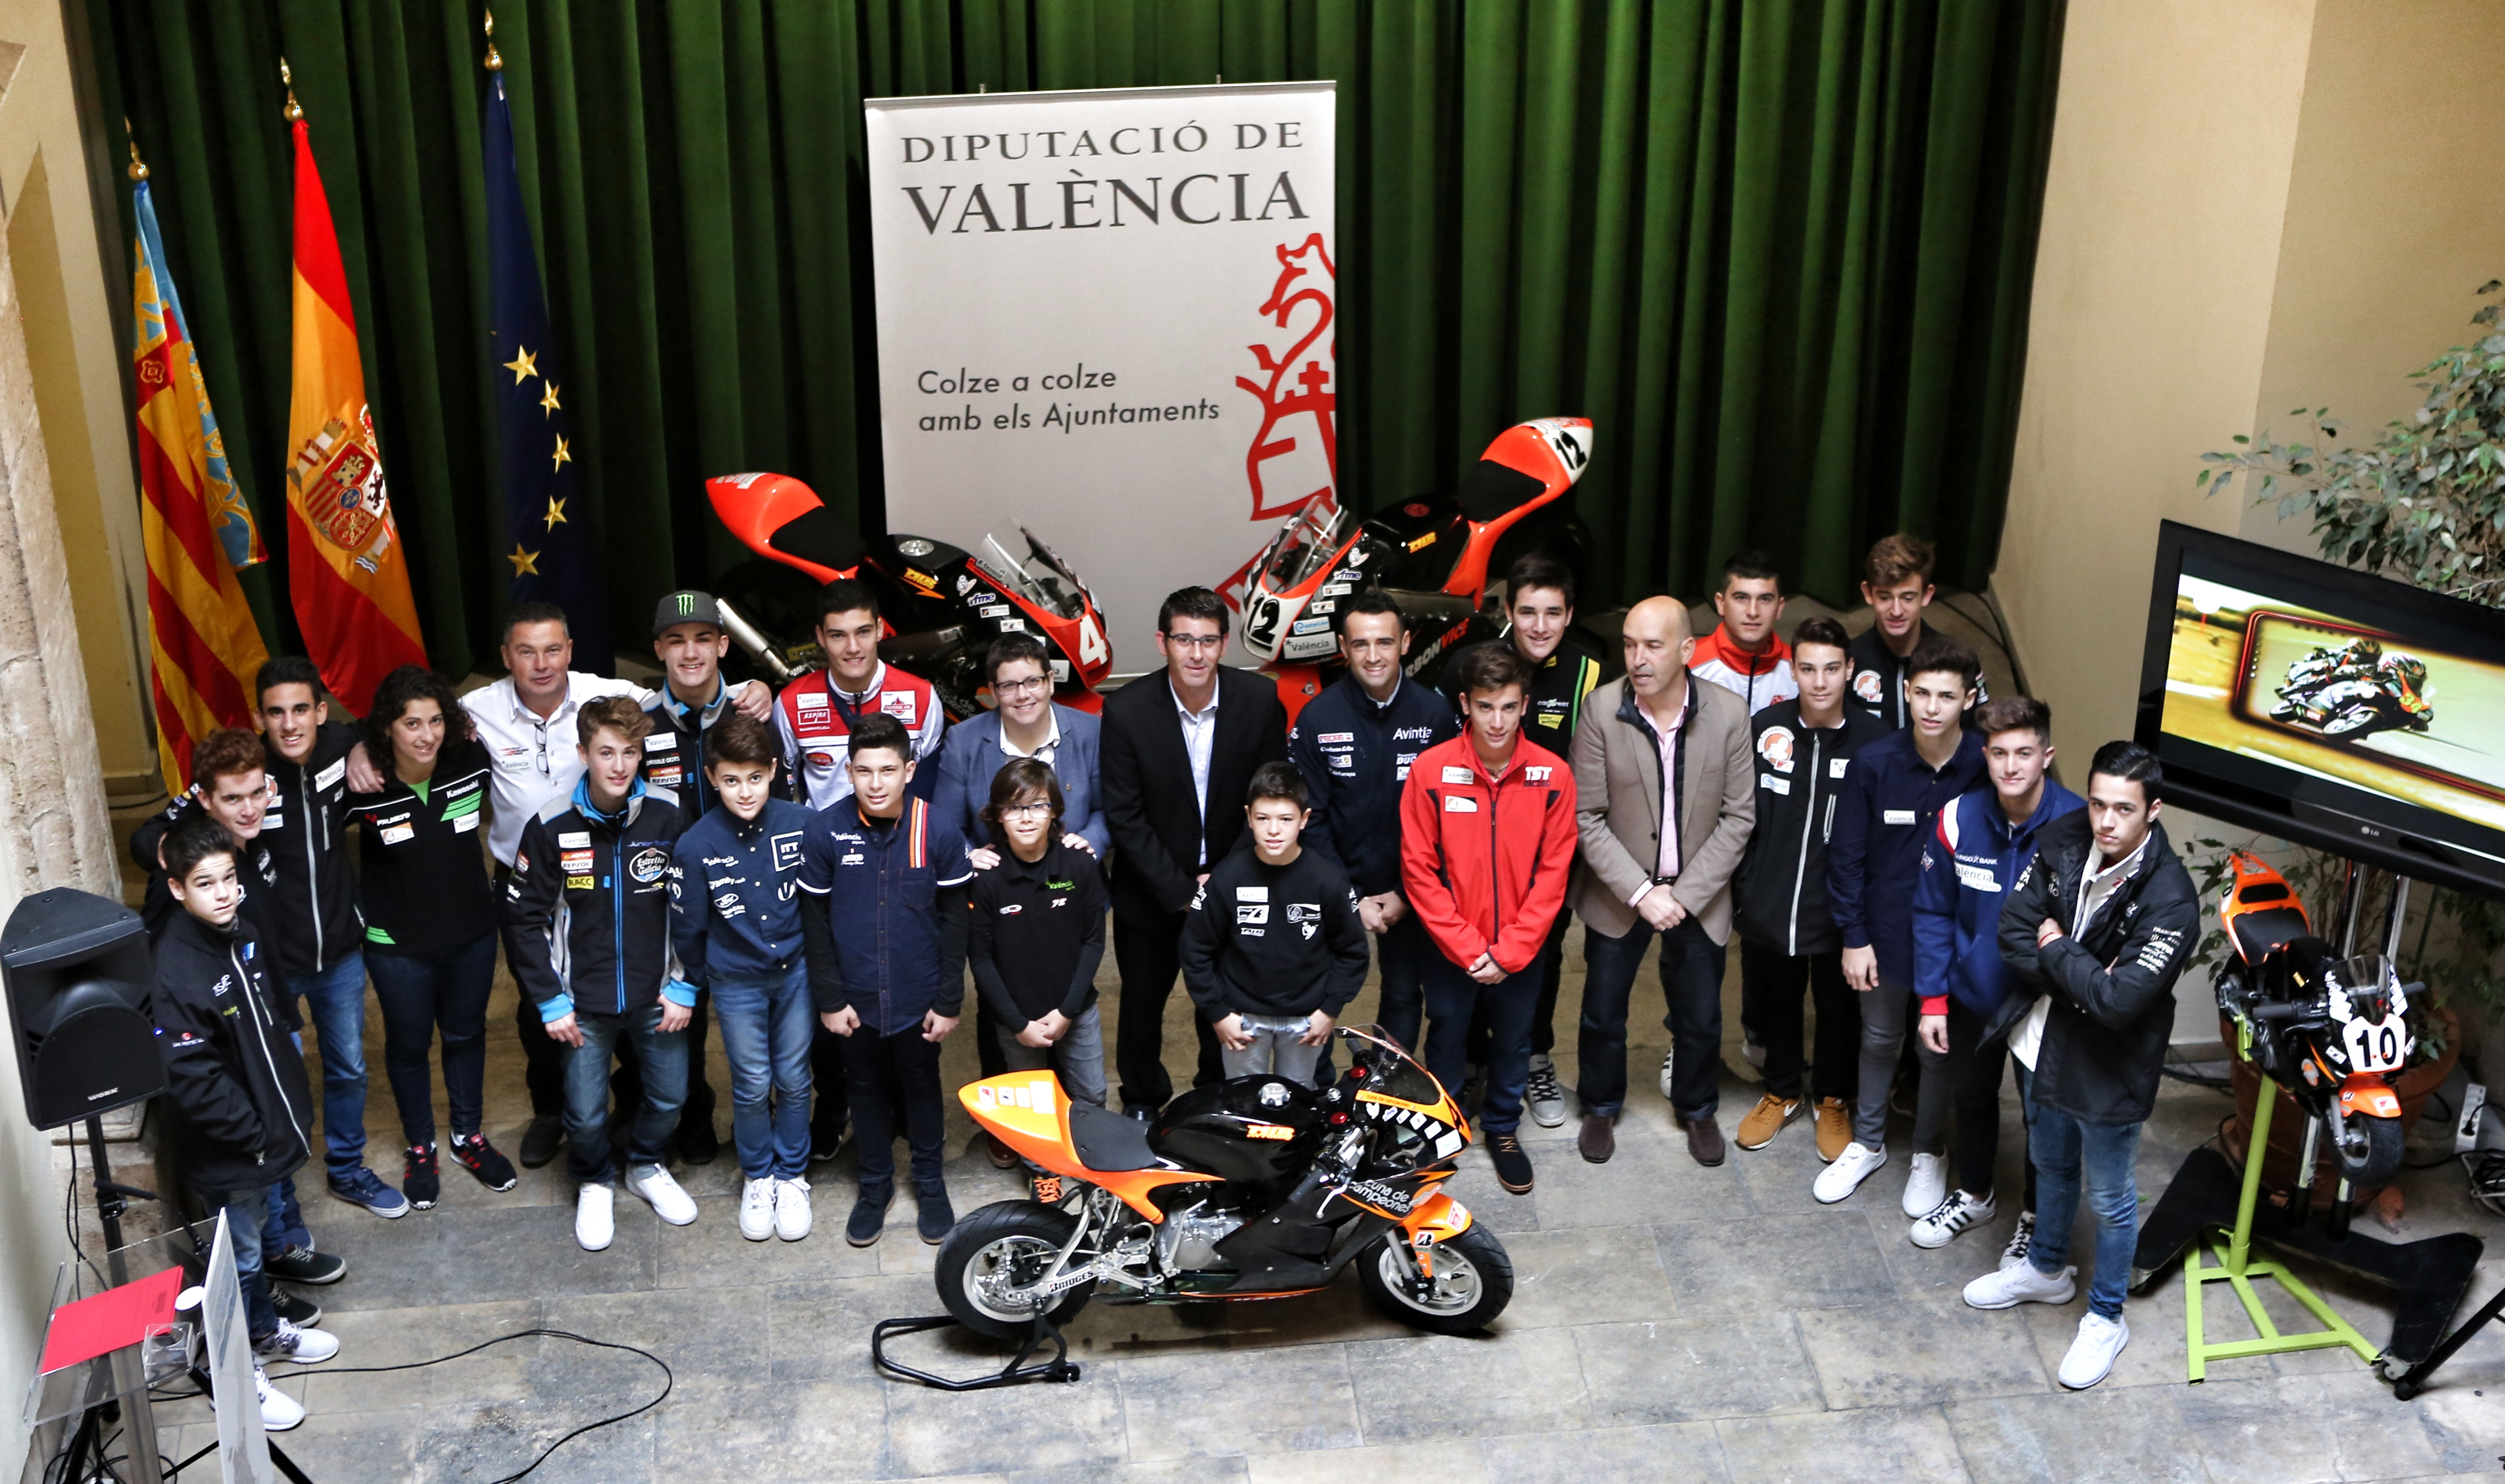 La corporación que preside Jorge Rodríguez mantiene su implicación con la Cuna y la Fórmula de Campeones, las canteras de motos y karting del Circuit Ricardo Tormo.